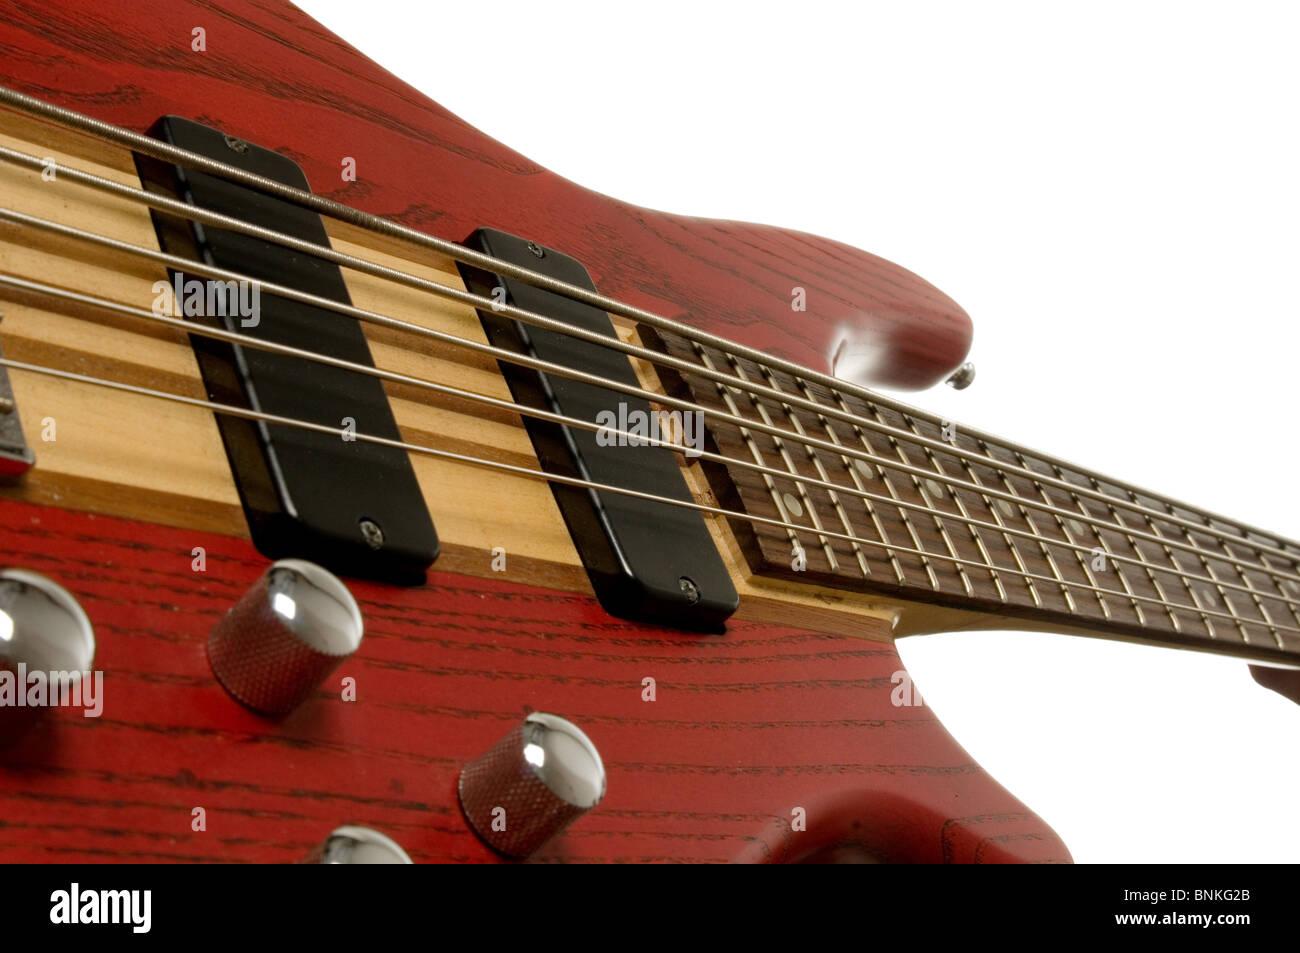 Bass String Vibration : guitar string vibration stock photos guitar string vibration stock images alamy ~ Hamham.info Haus und Dekorationen